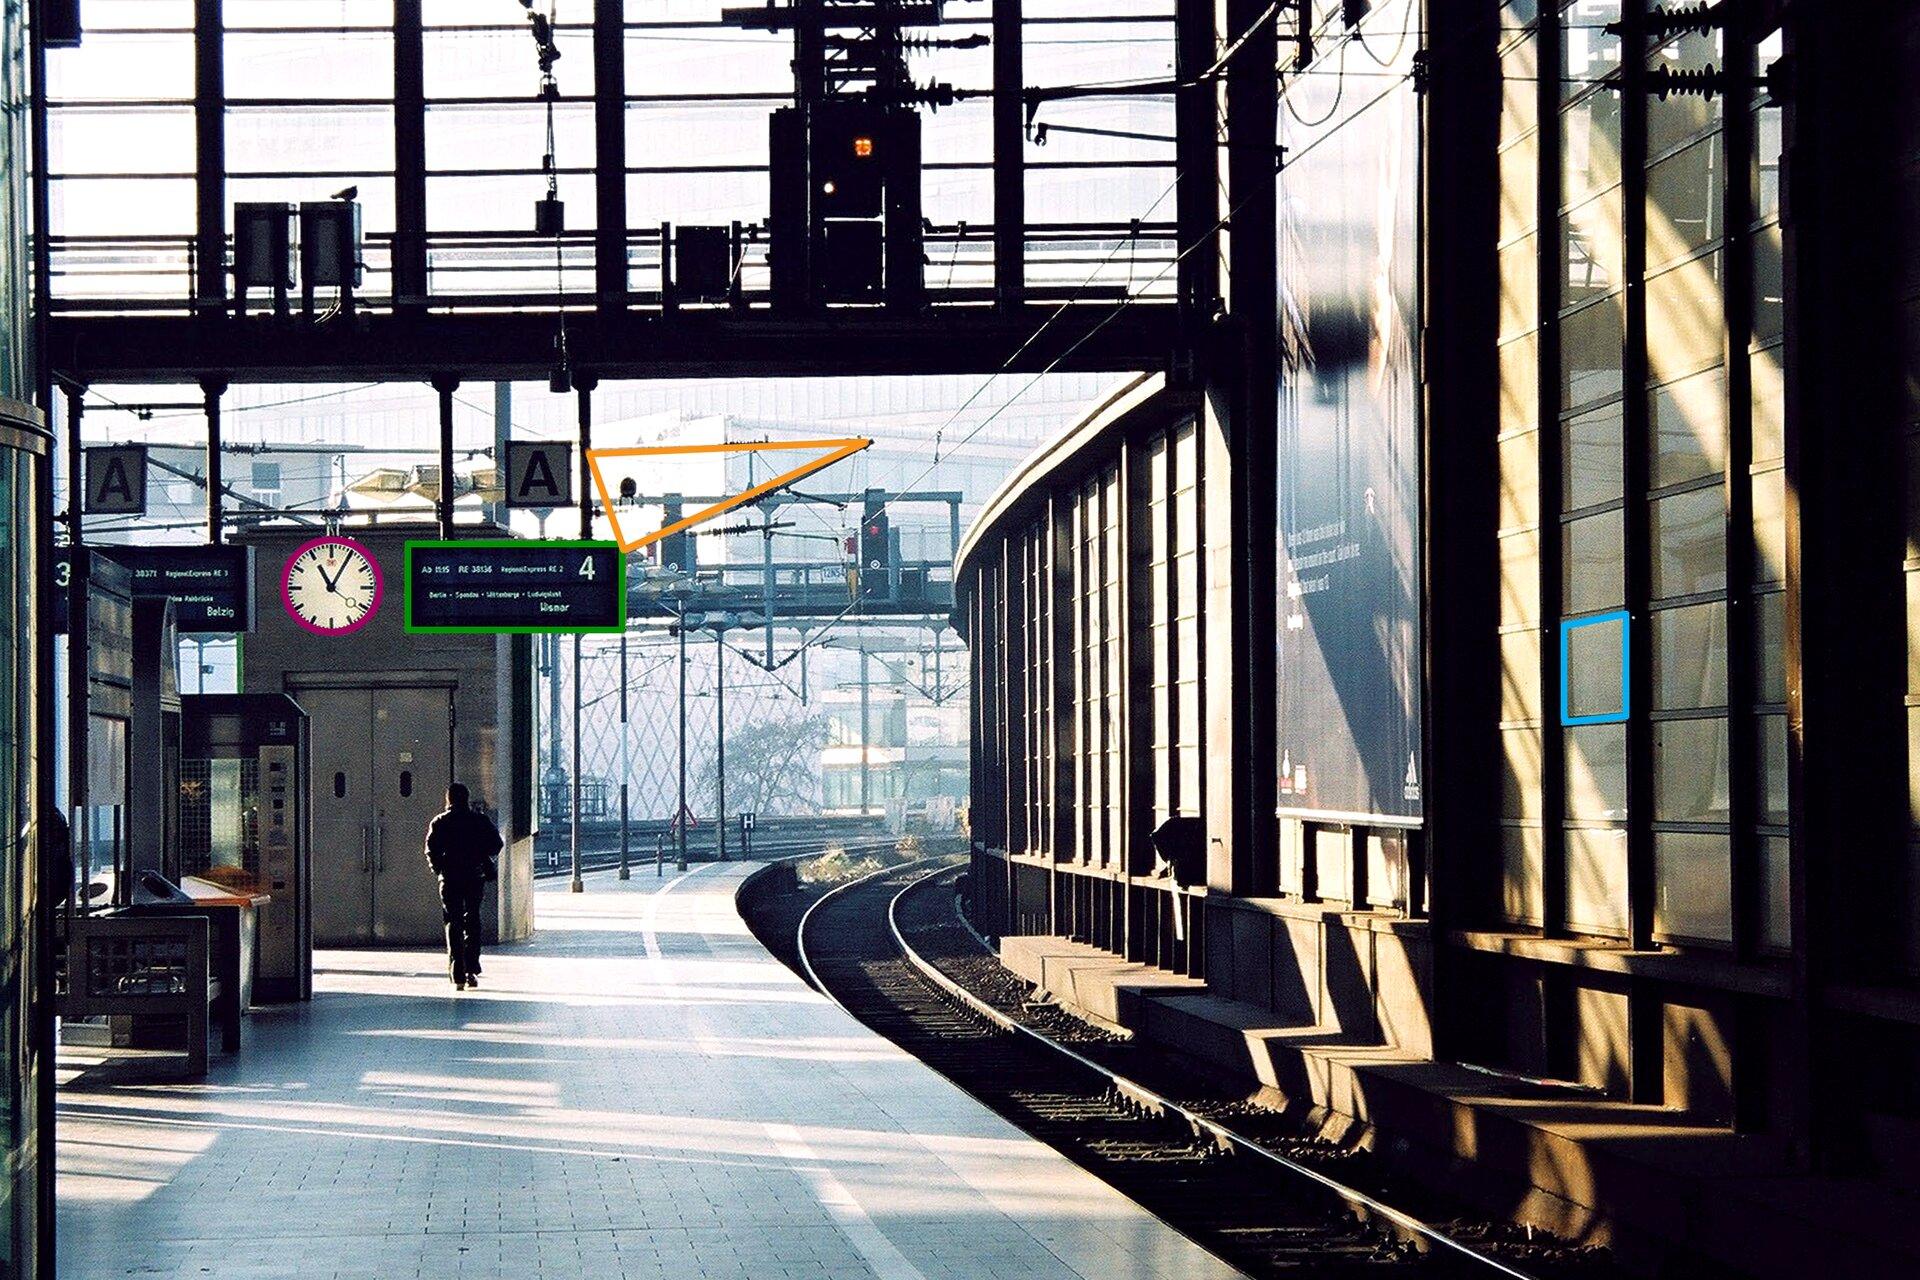 Zdjęcie stacji kolejowej. Kolorami zaznaczono okrągły zegar, prostokątną tablicę informacyjną, trójkątnie ułożone przewody iczworokątny element ściany.